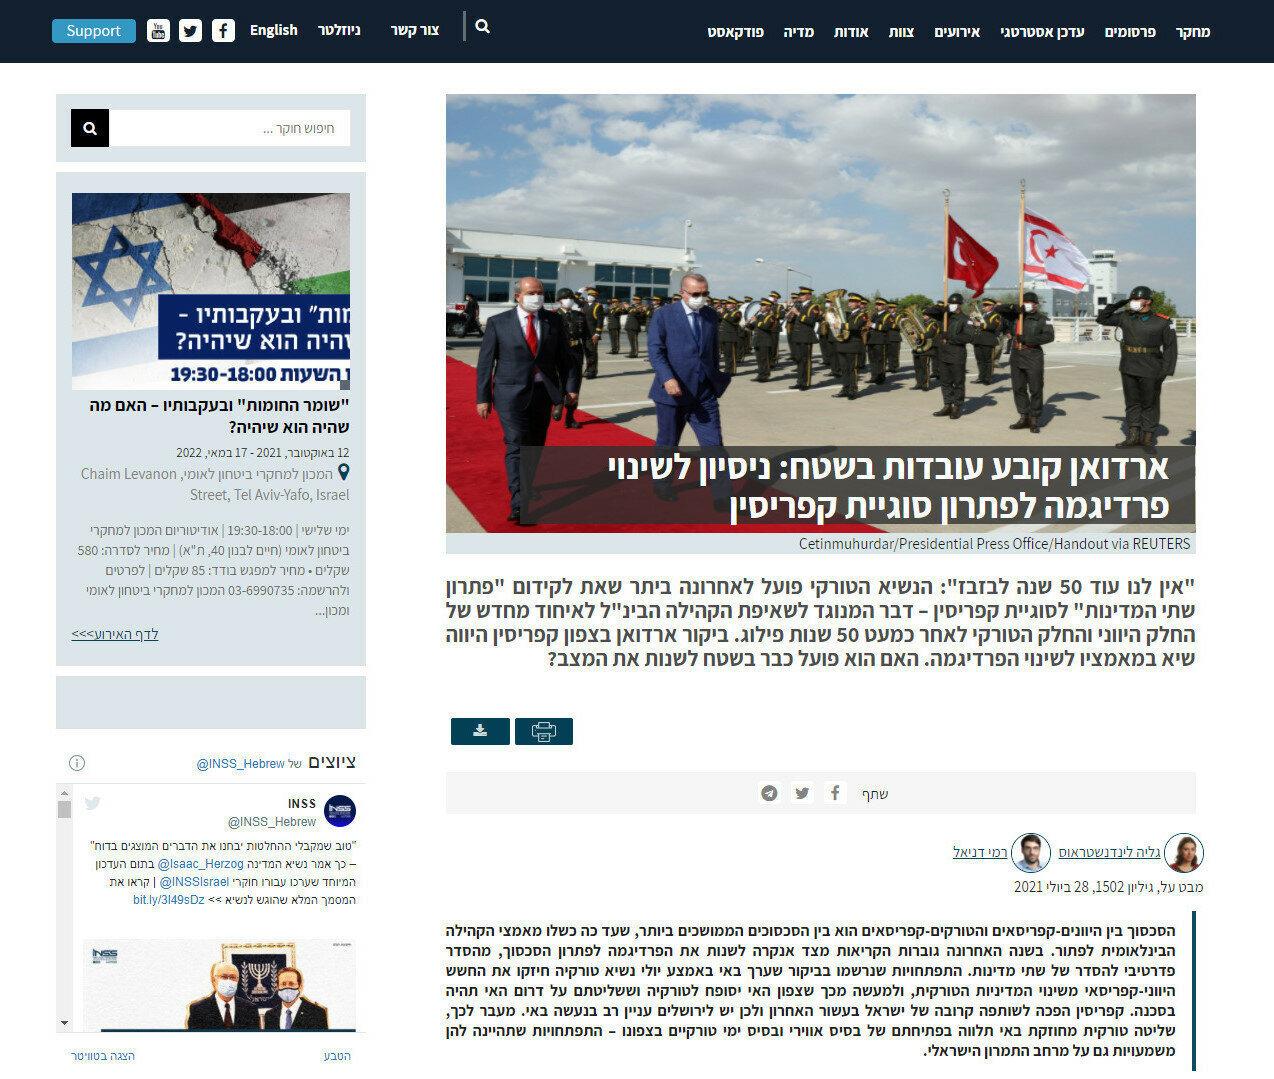 قاعدة عسكرية تركية ستحد من تأثير إسرائيل.. مركز أبحاث إسرائيلي يكشف